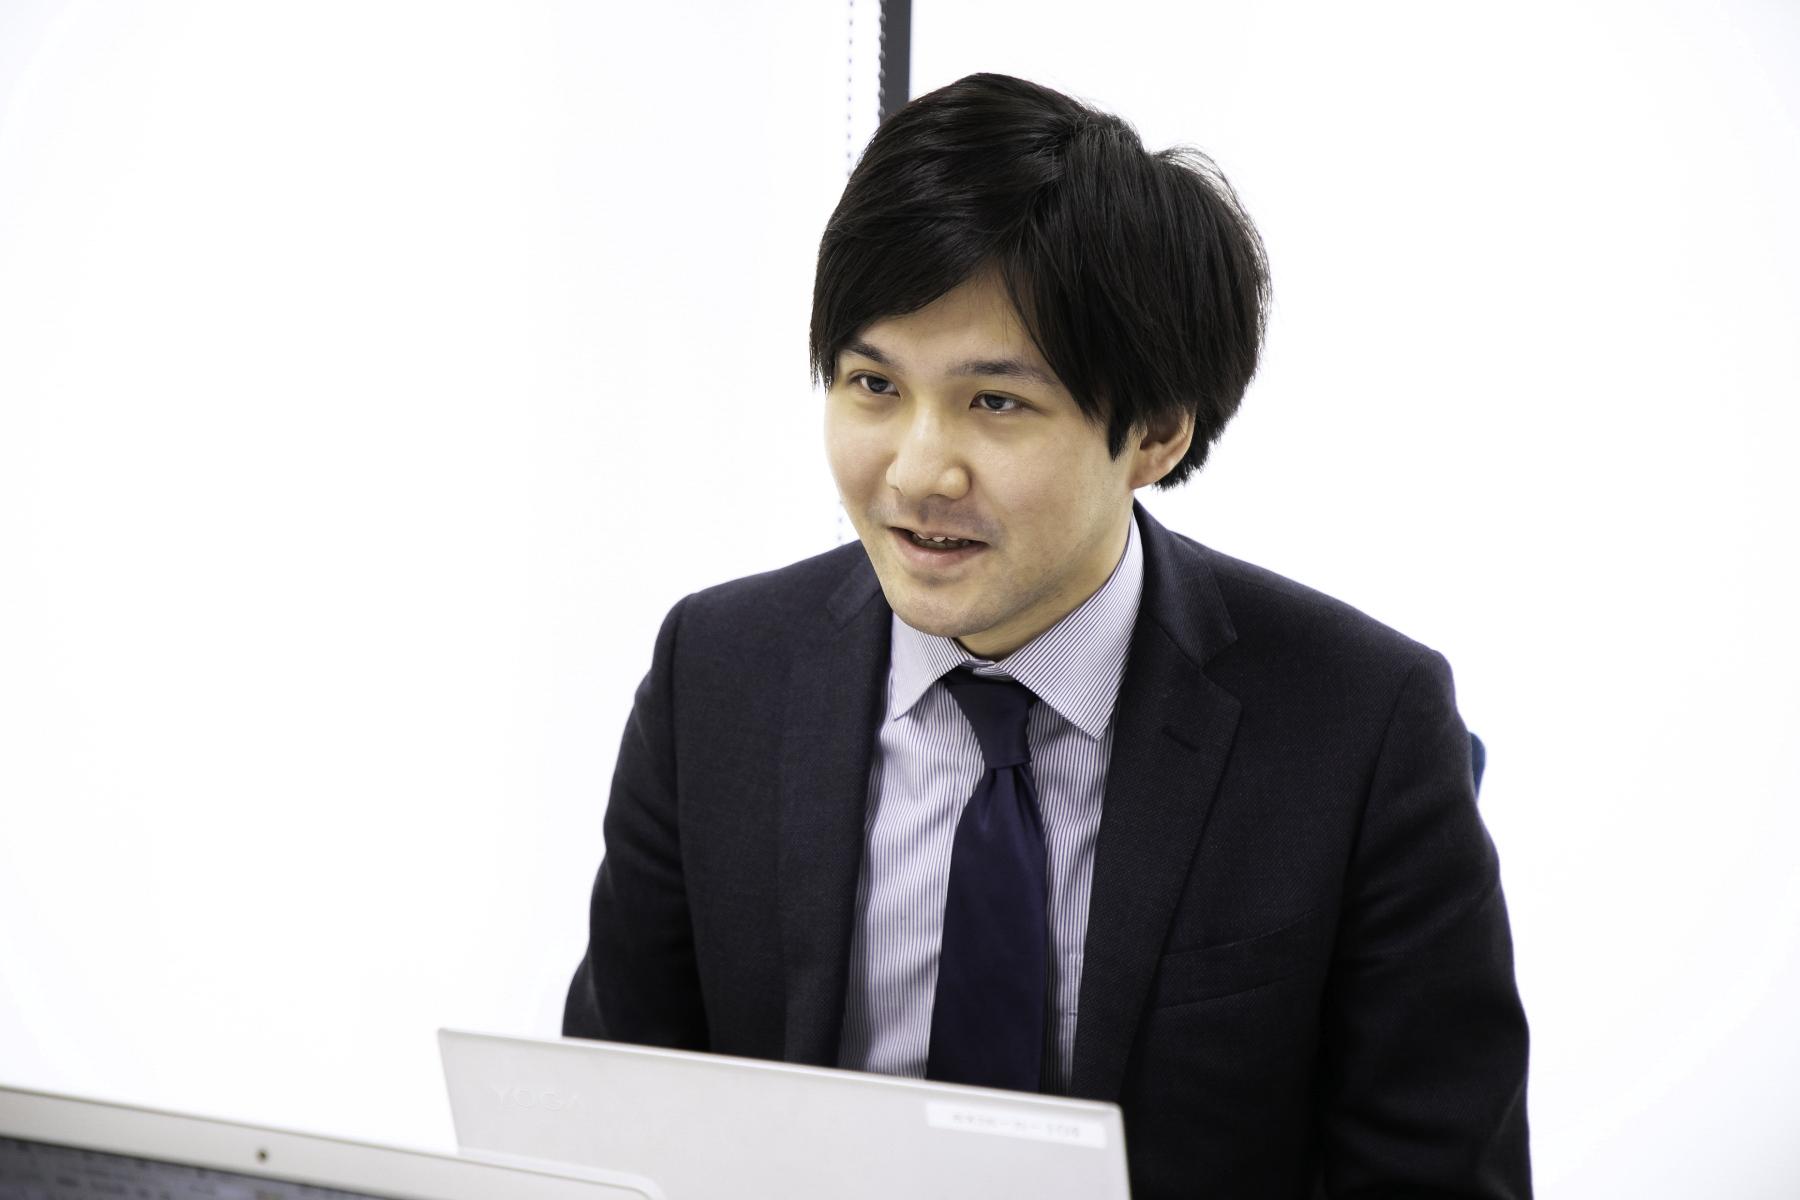 管理本部 総務部 杉浦 修一郎 氏